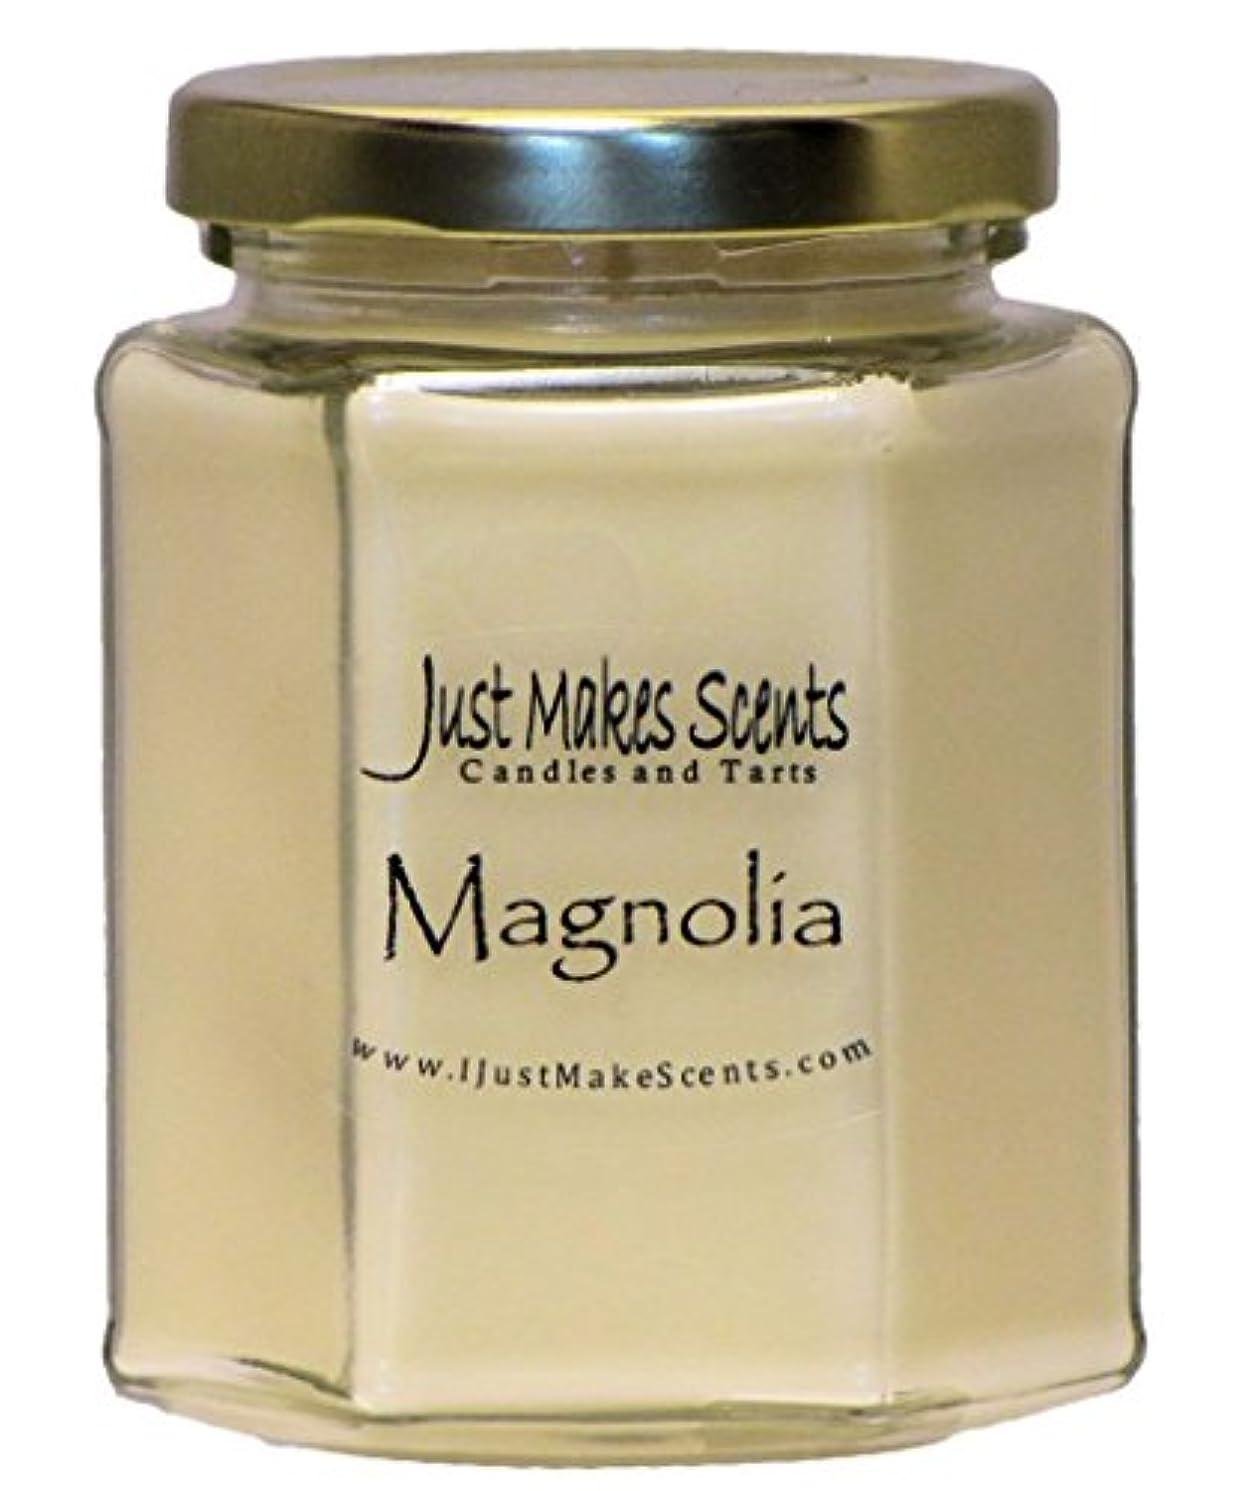 十代の若者たち一掃する寄付するマグノリア香りつきBlended Soy Candle by Just Makes Scents